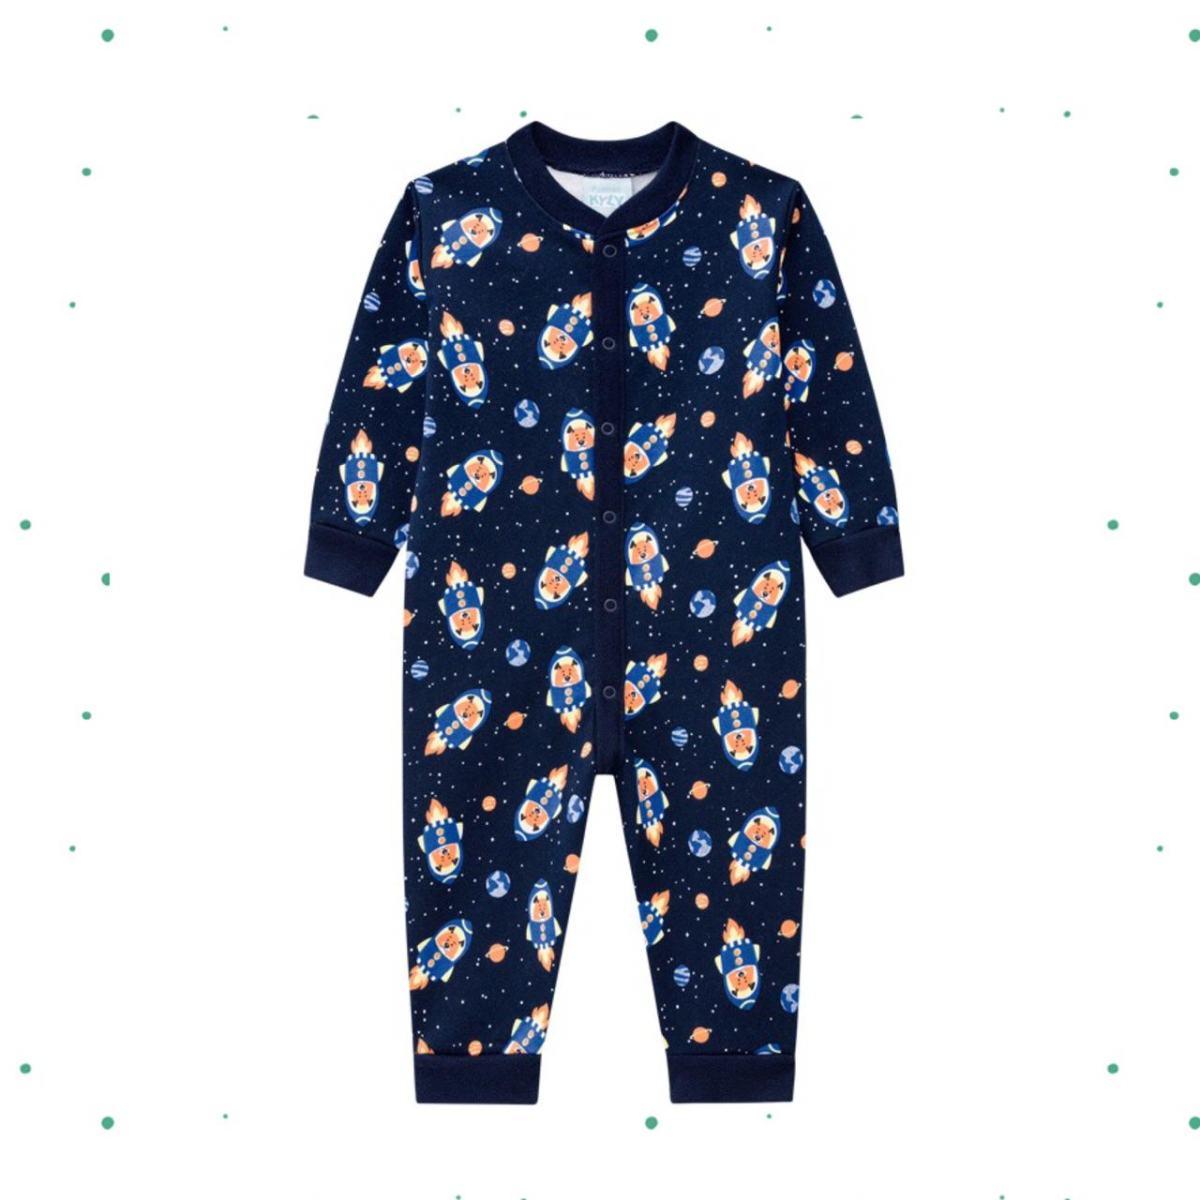 Macacão Pijama Menino Kyly em Algodão Estampado-207543-6826